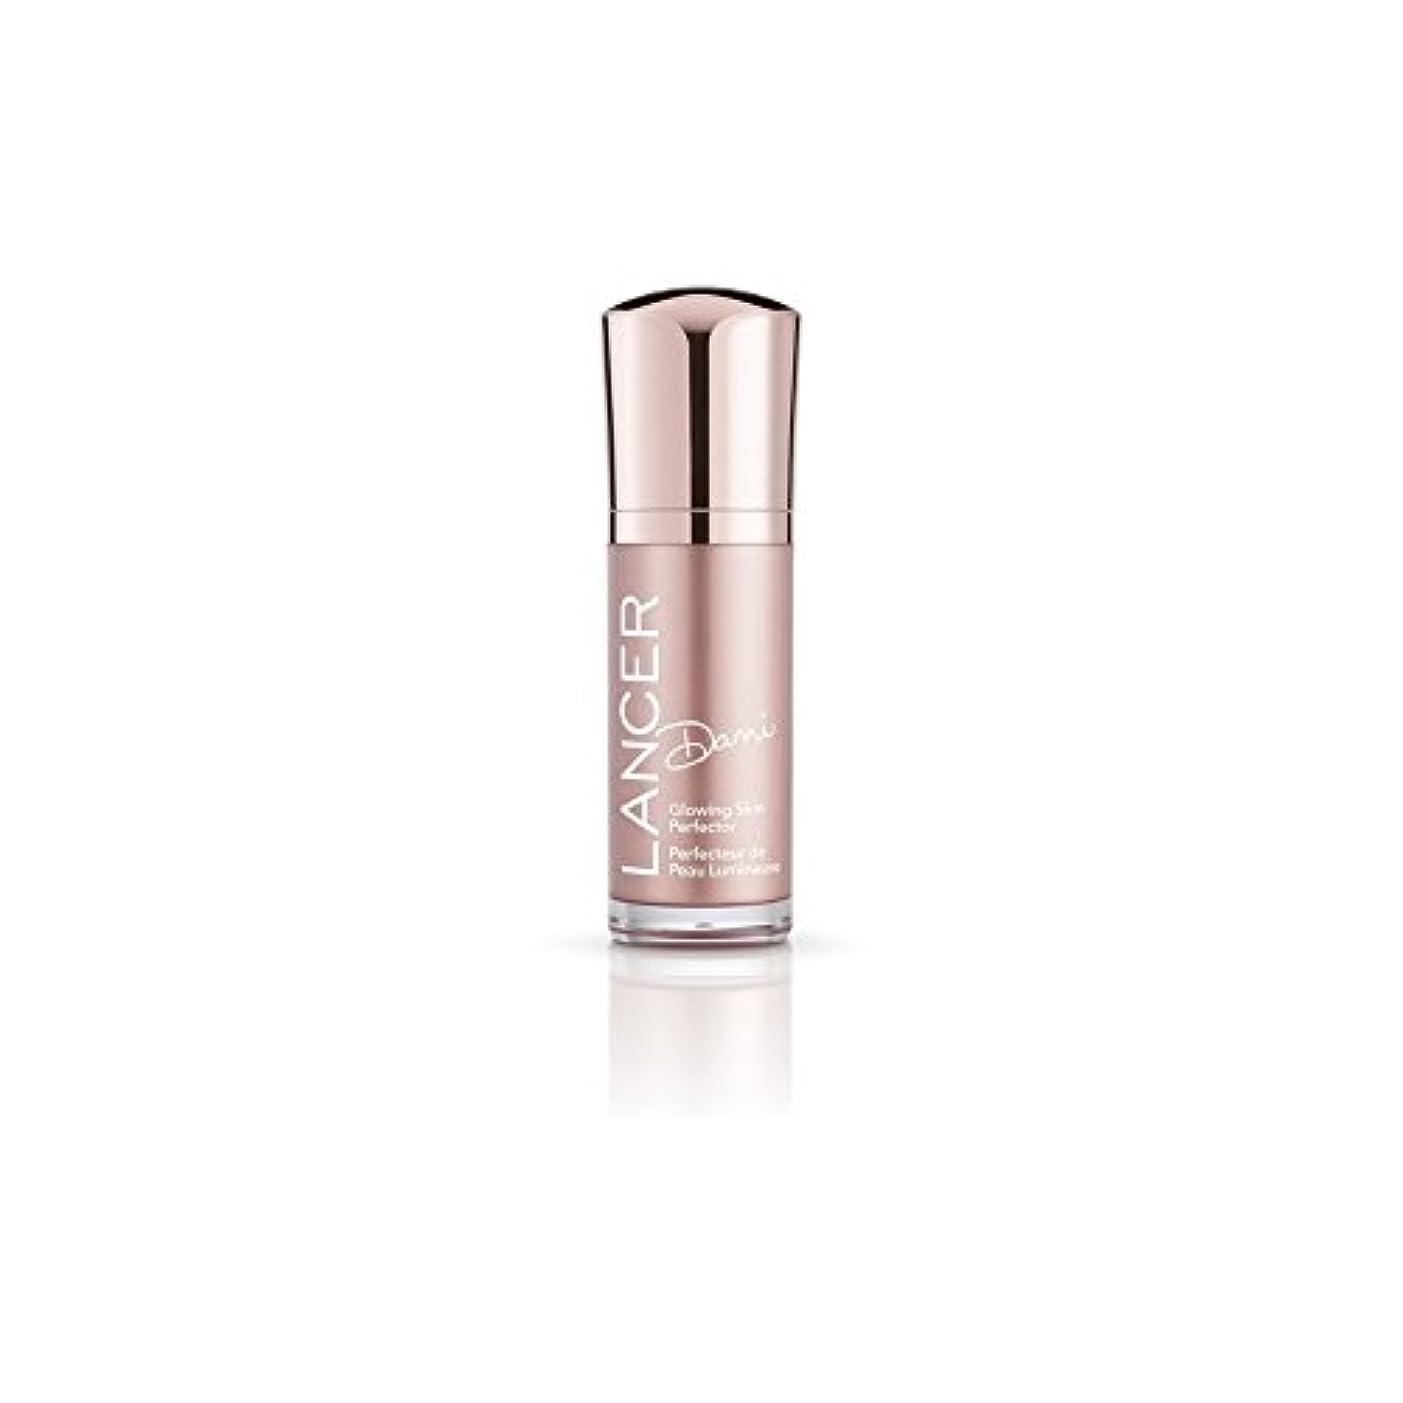 遺産ミュウミュウネイティブスキンパーフェク輝くランサースキンケアダニ(30ミリリットル) x2 - Lancer Skincare Dani Glowing Skin Perfector (30ml) (Pack of 2) [並行輸入品]